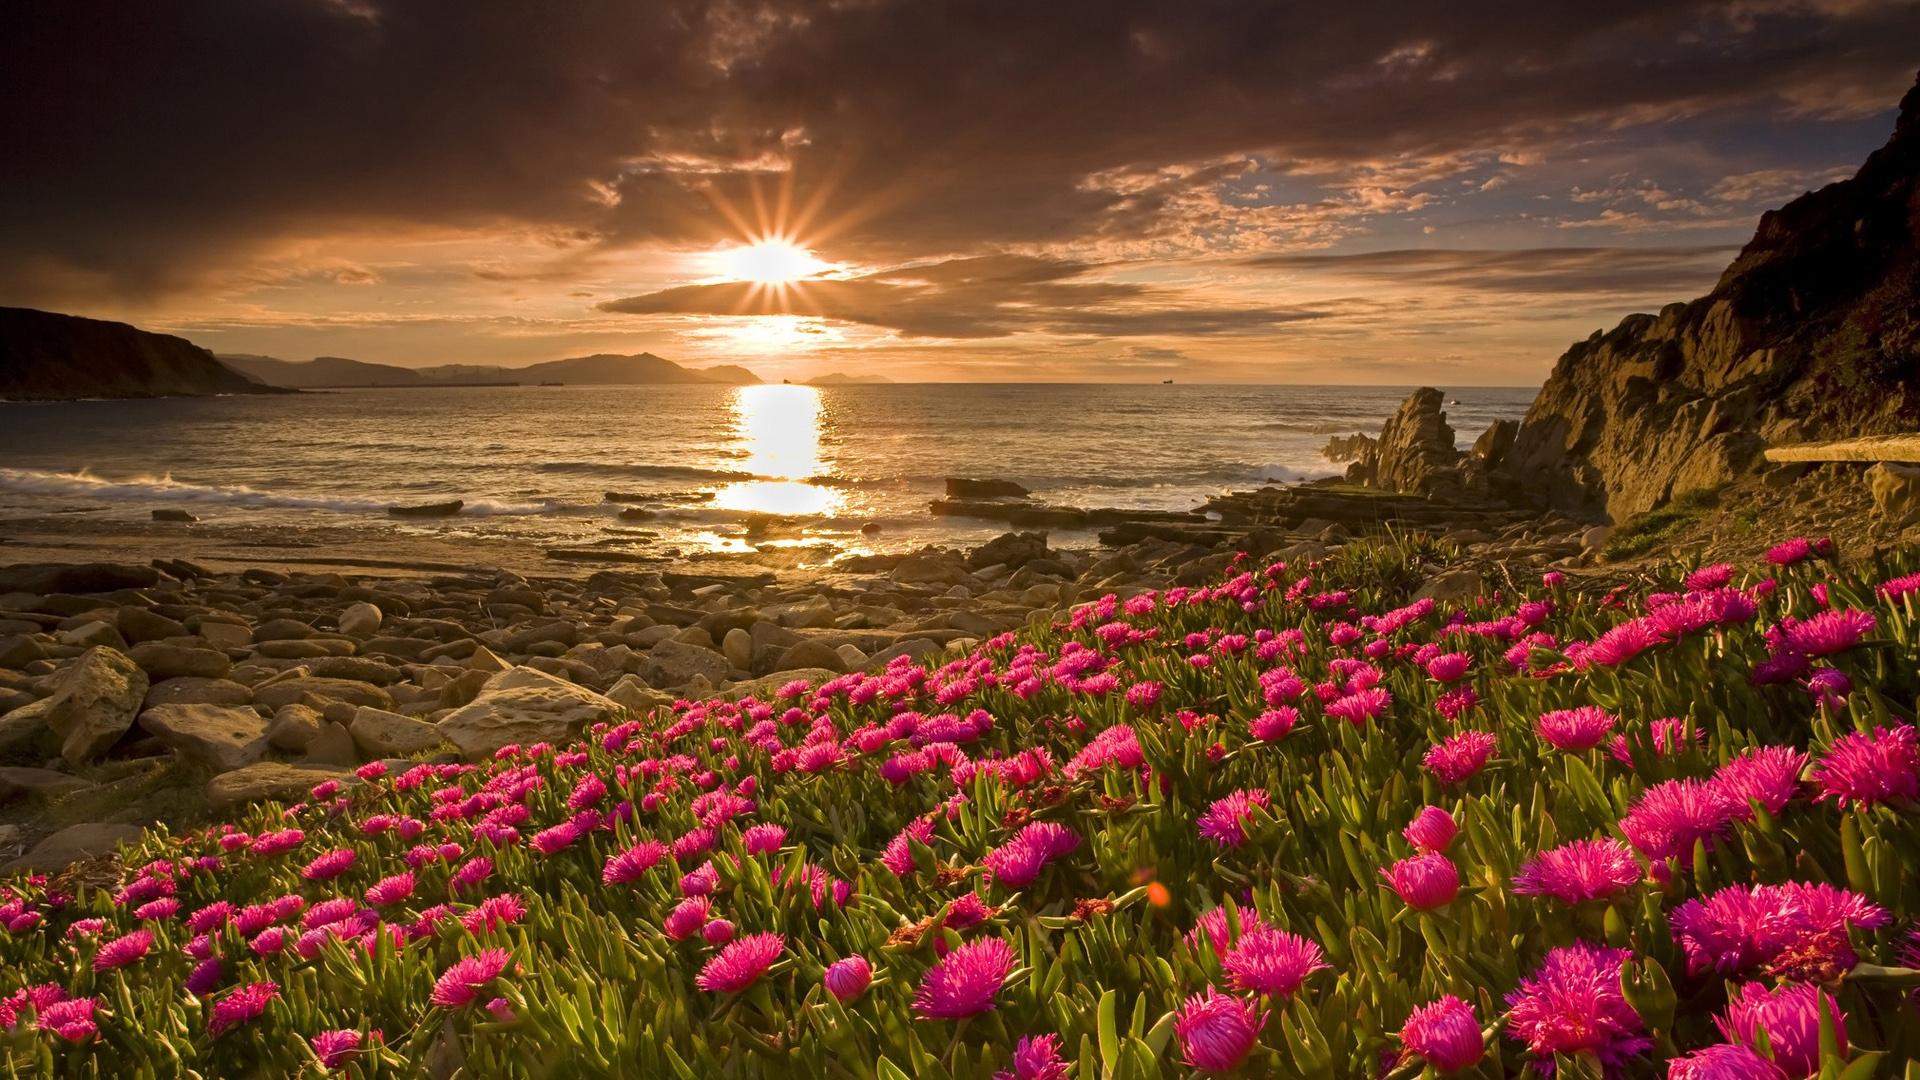 lovely sunrise wallpaper 34179